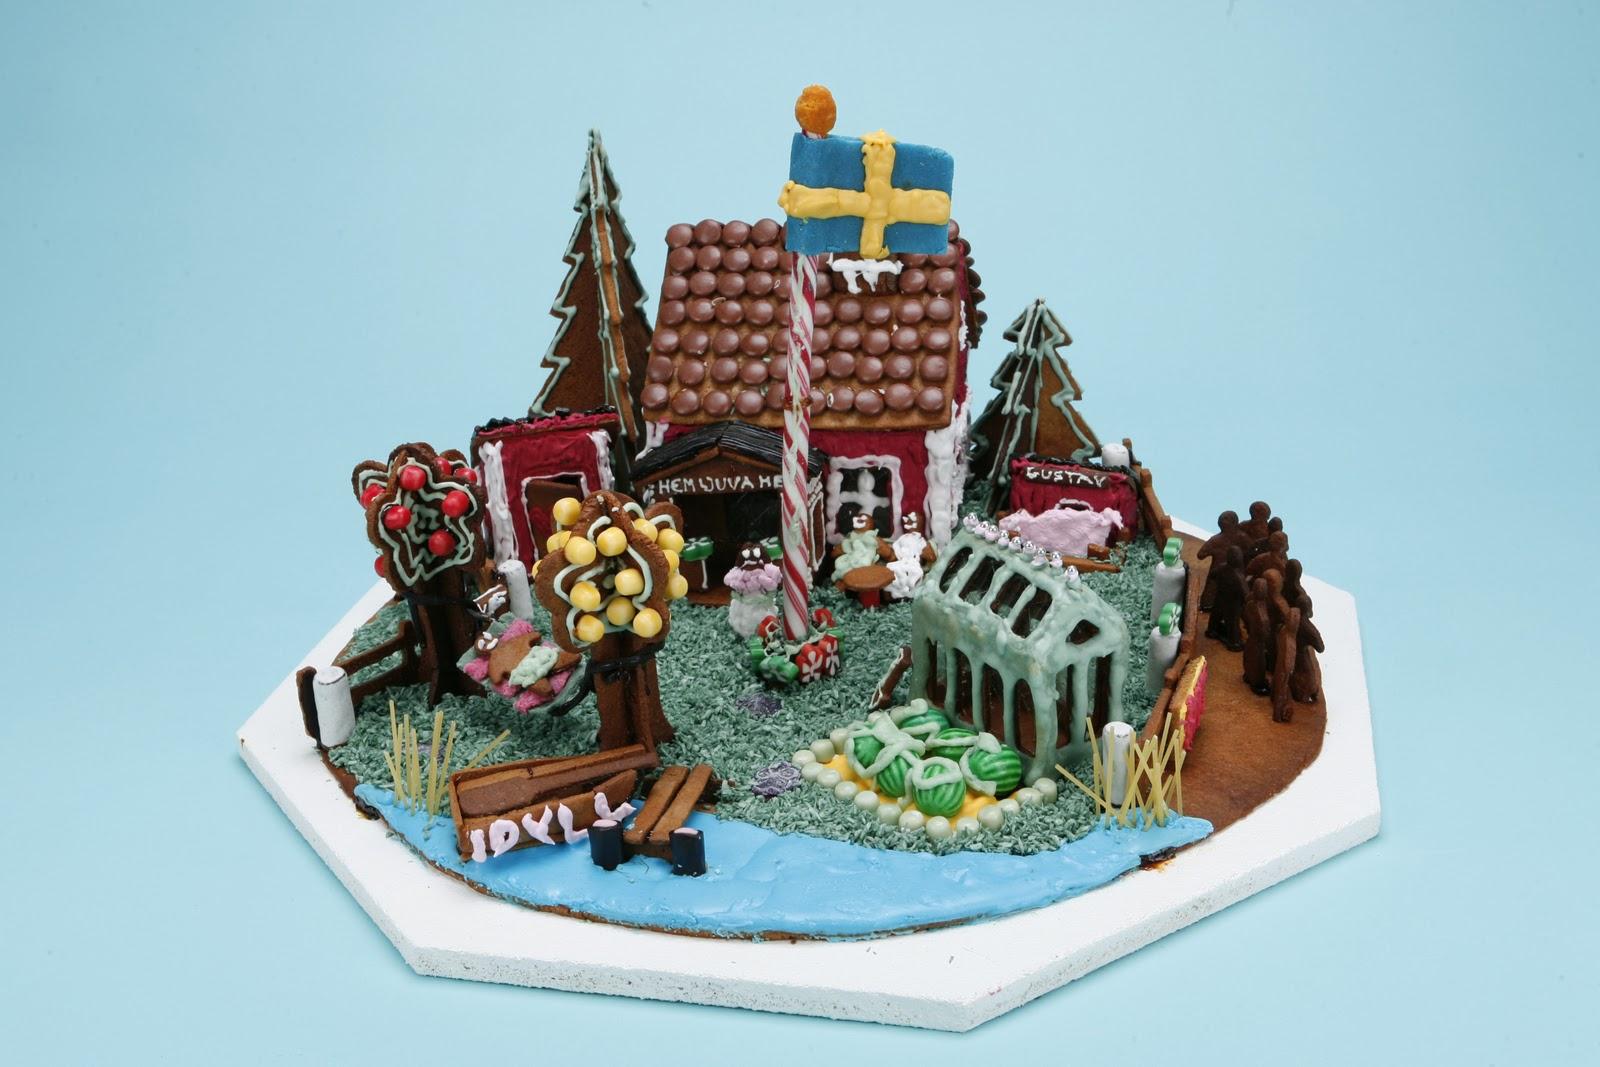 Αποτέλεσμα εικόνας για stockholm gingerbread house competition